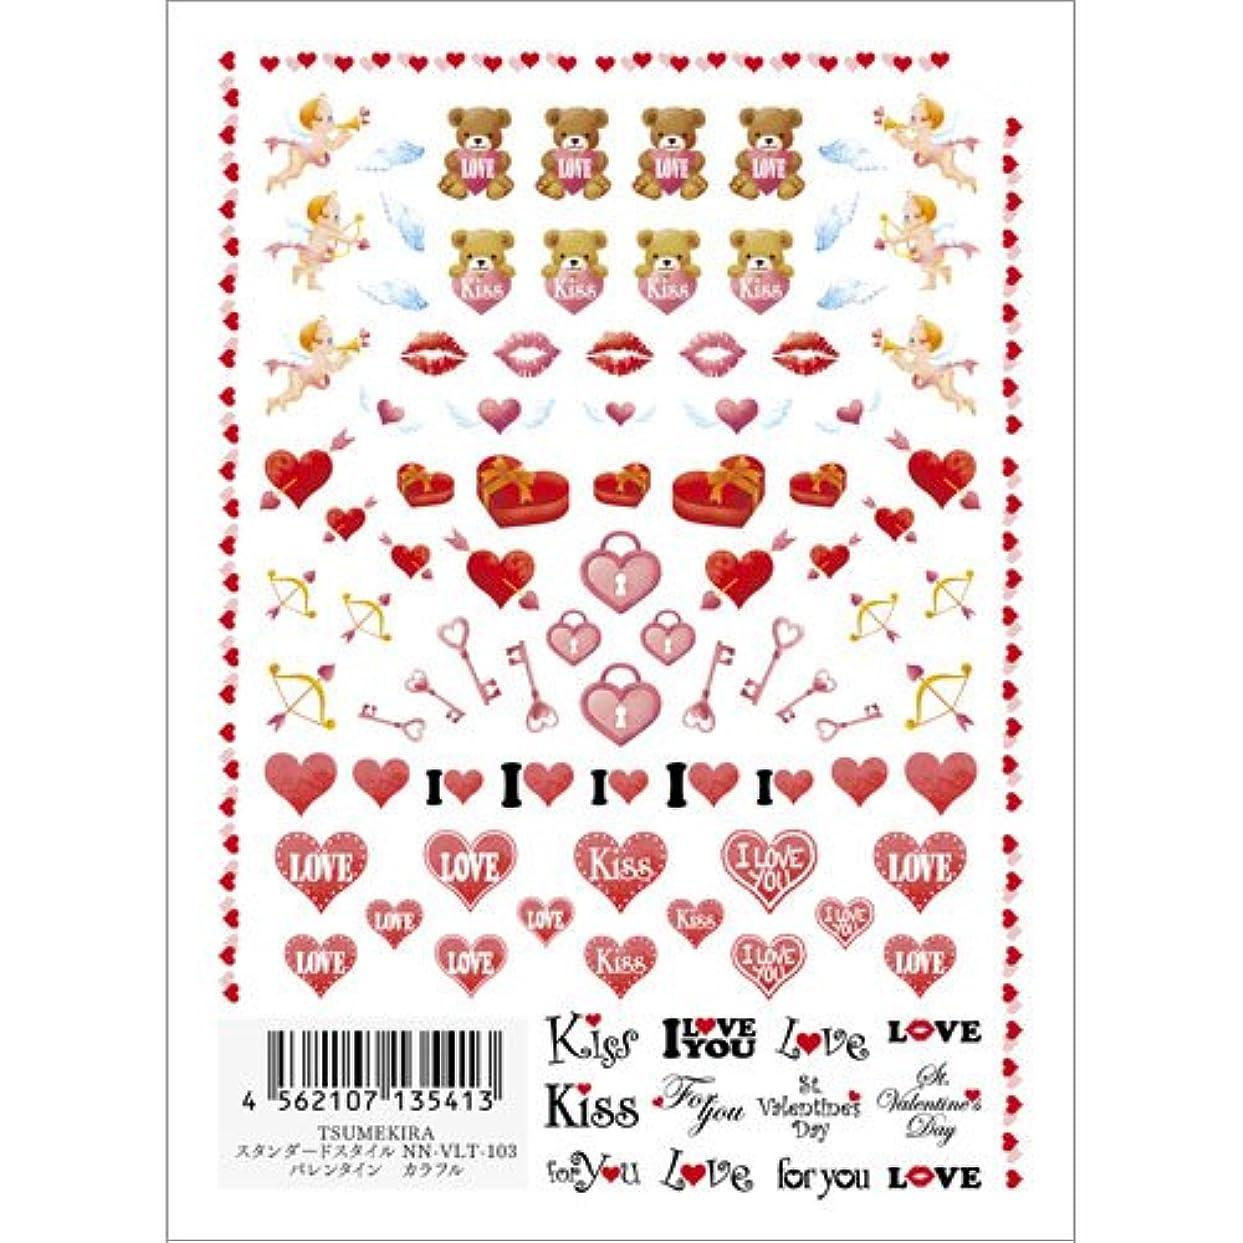 国籍不透明な子犬ツメキラ ネイル用シール スタンダードスタイル バレンタイン カラフル